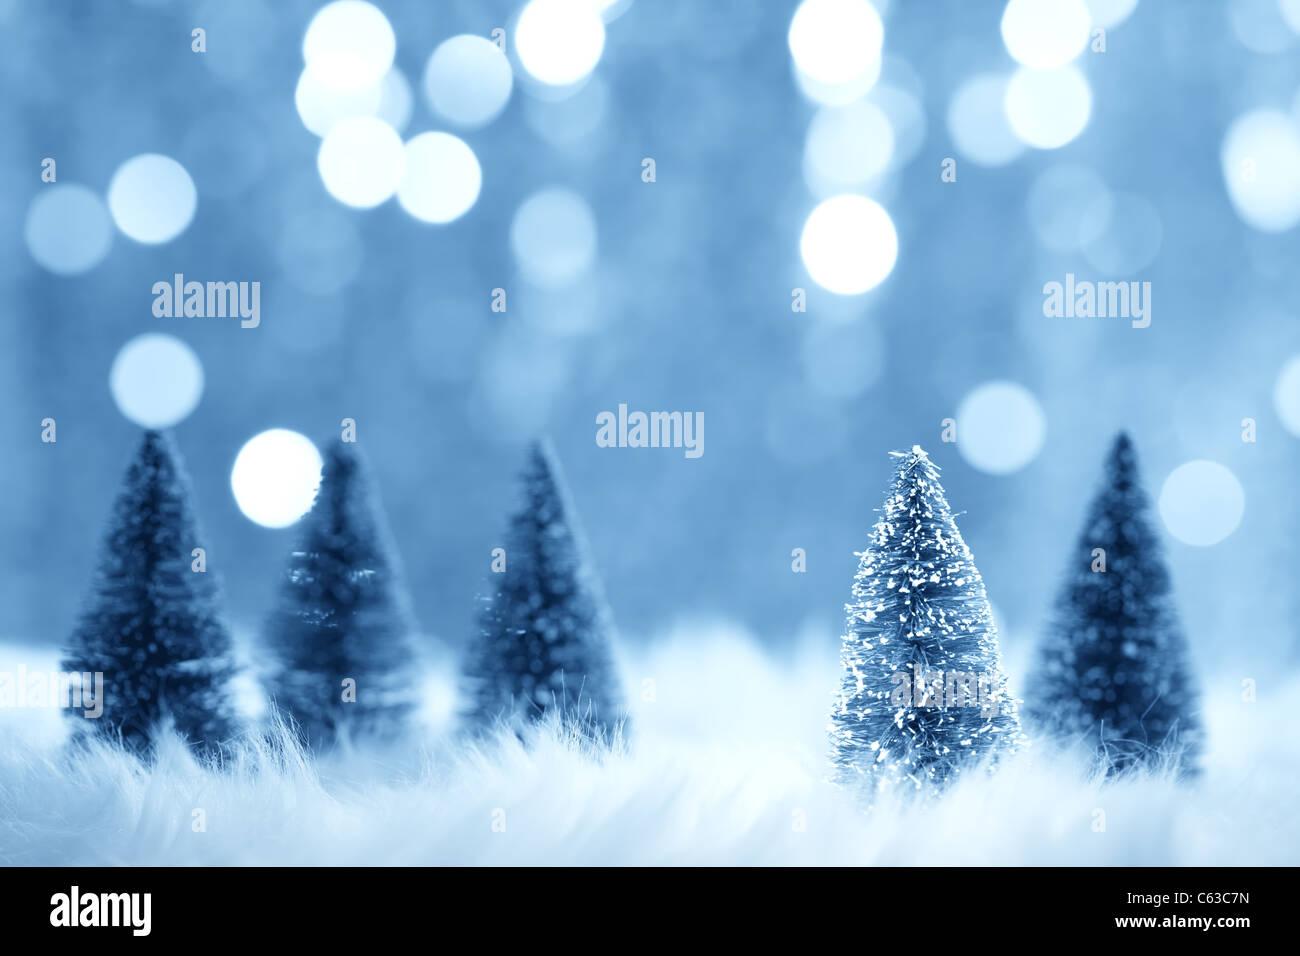 Weihnachten-Fir-Tree-Modell auf unscharfen Hintergrund Stockbild